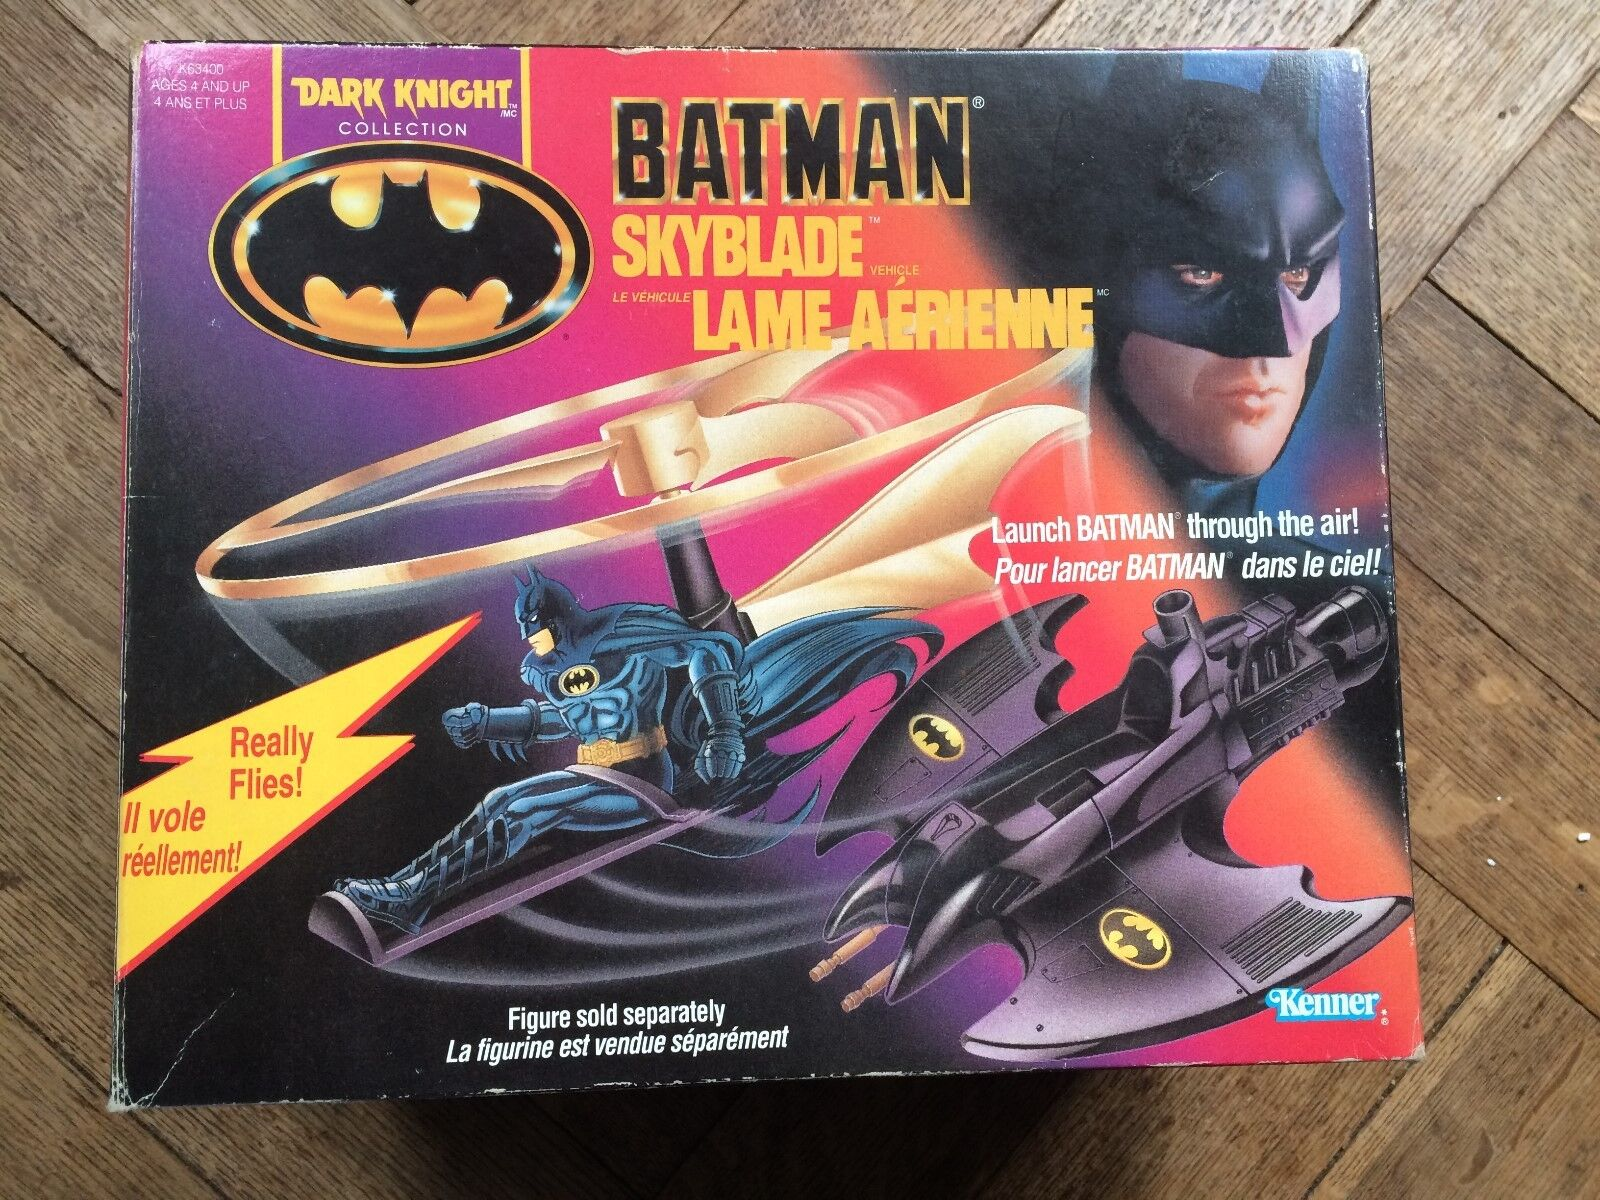 Bathomme Skyblade véhicule, Dark Knight Coll. 1991 En  parfait état, dans sa boîte, RARE, a été  Maintenant  direct usine